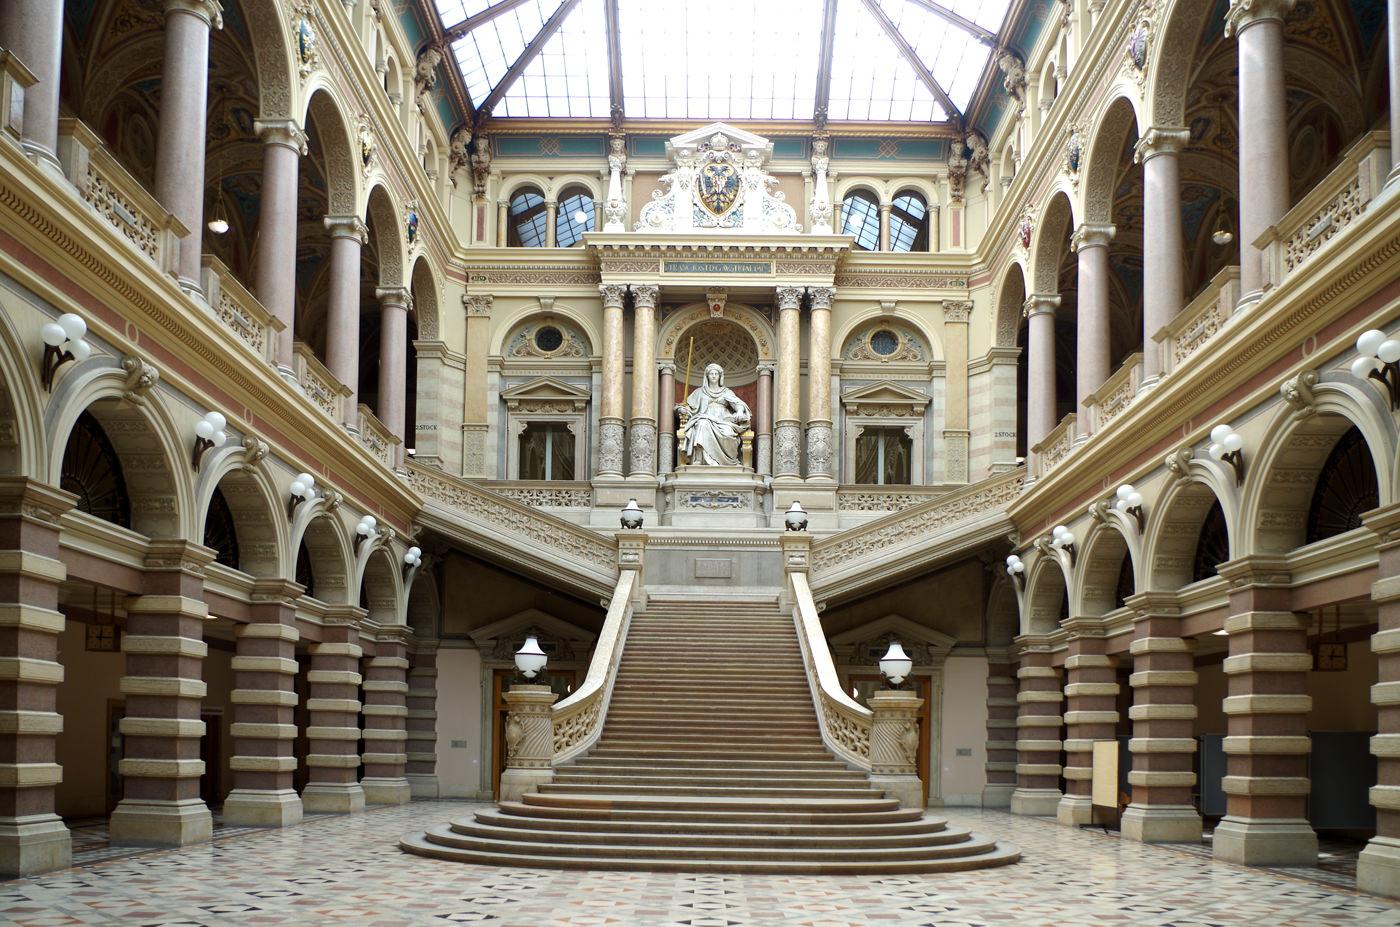 Justizpalast Wien - das prächtige Treppenhaus mit Stiege und der Justizia - www.wien-erleben.com